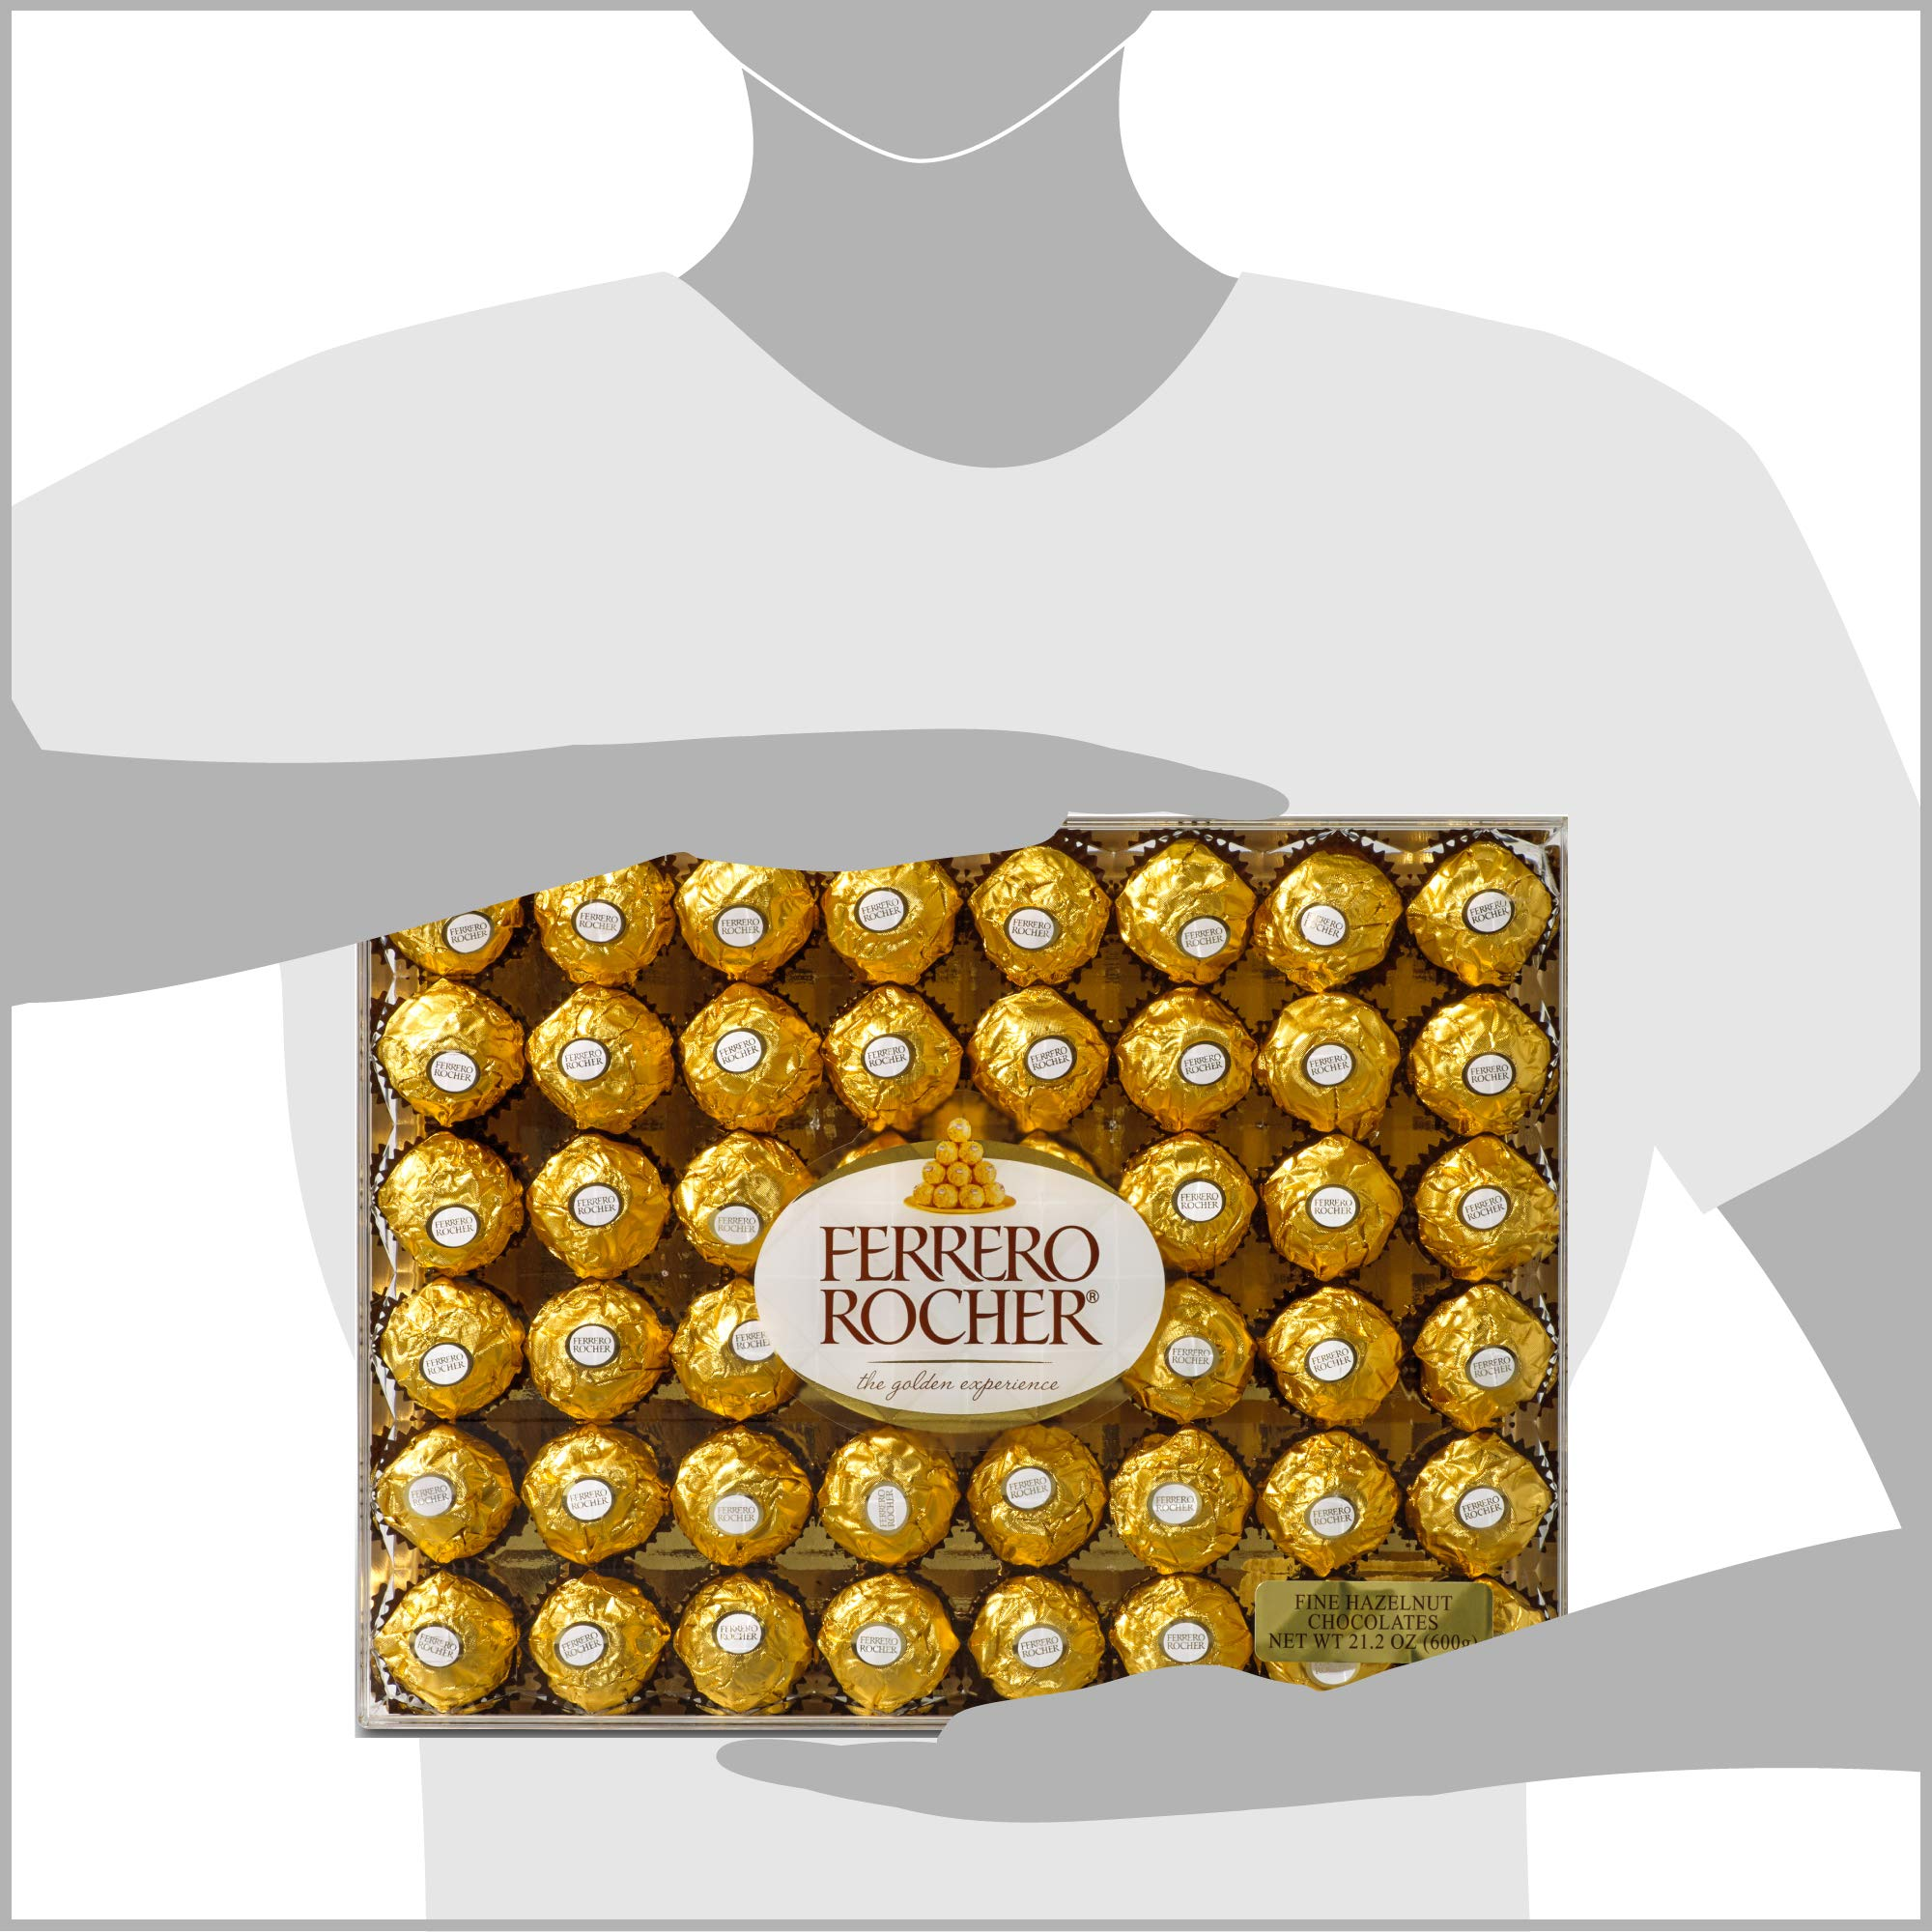 Ferrero Rocher Fine Hazelnut Chocolates, 21.1 Oz, 48 Count by Ferrero Rocher (Image #7)